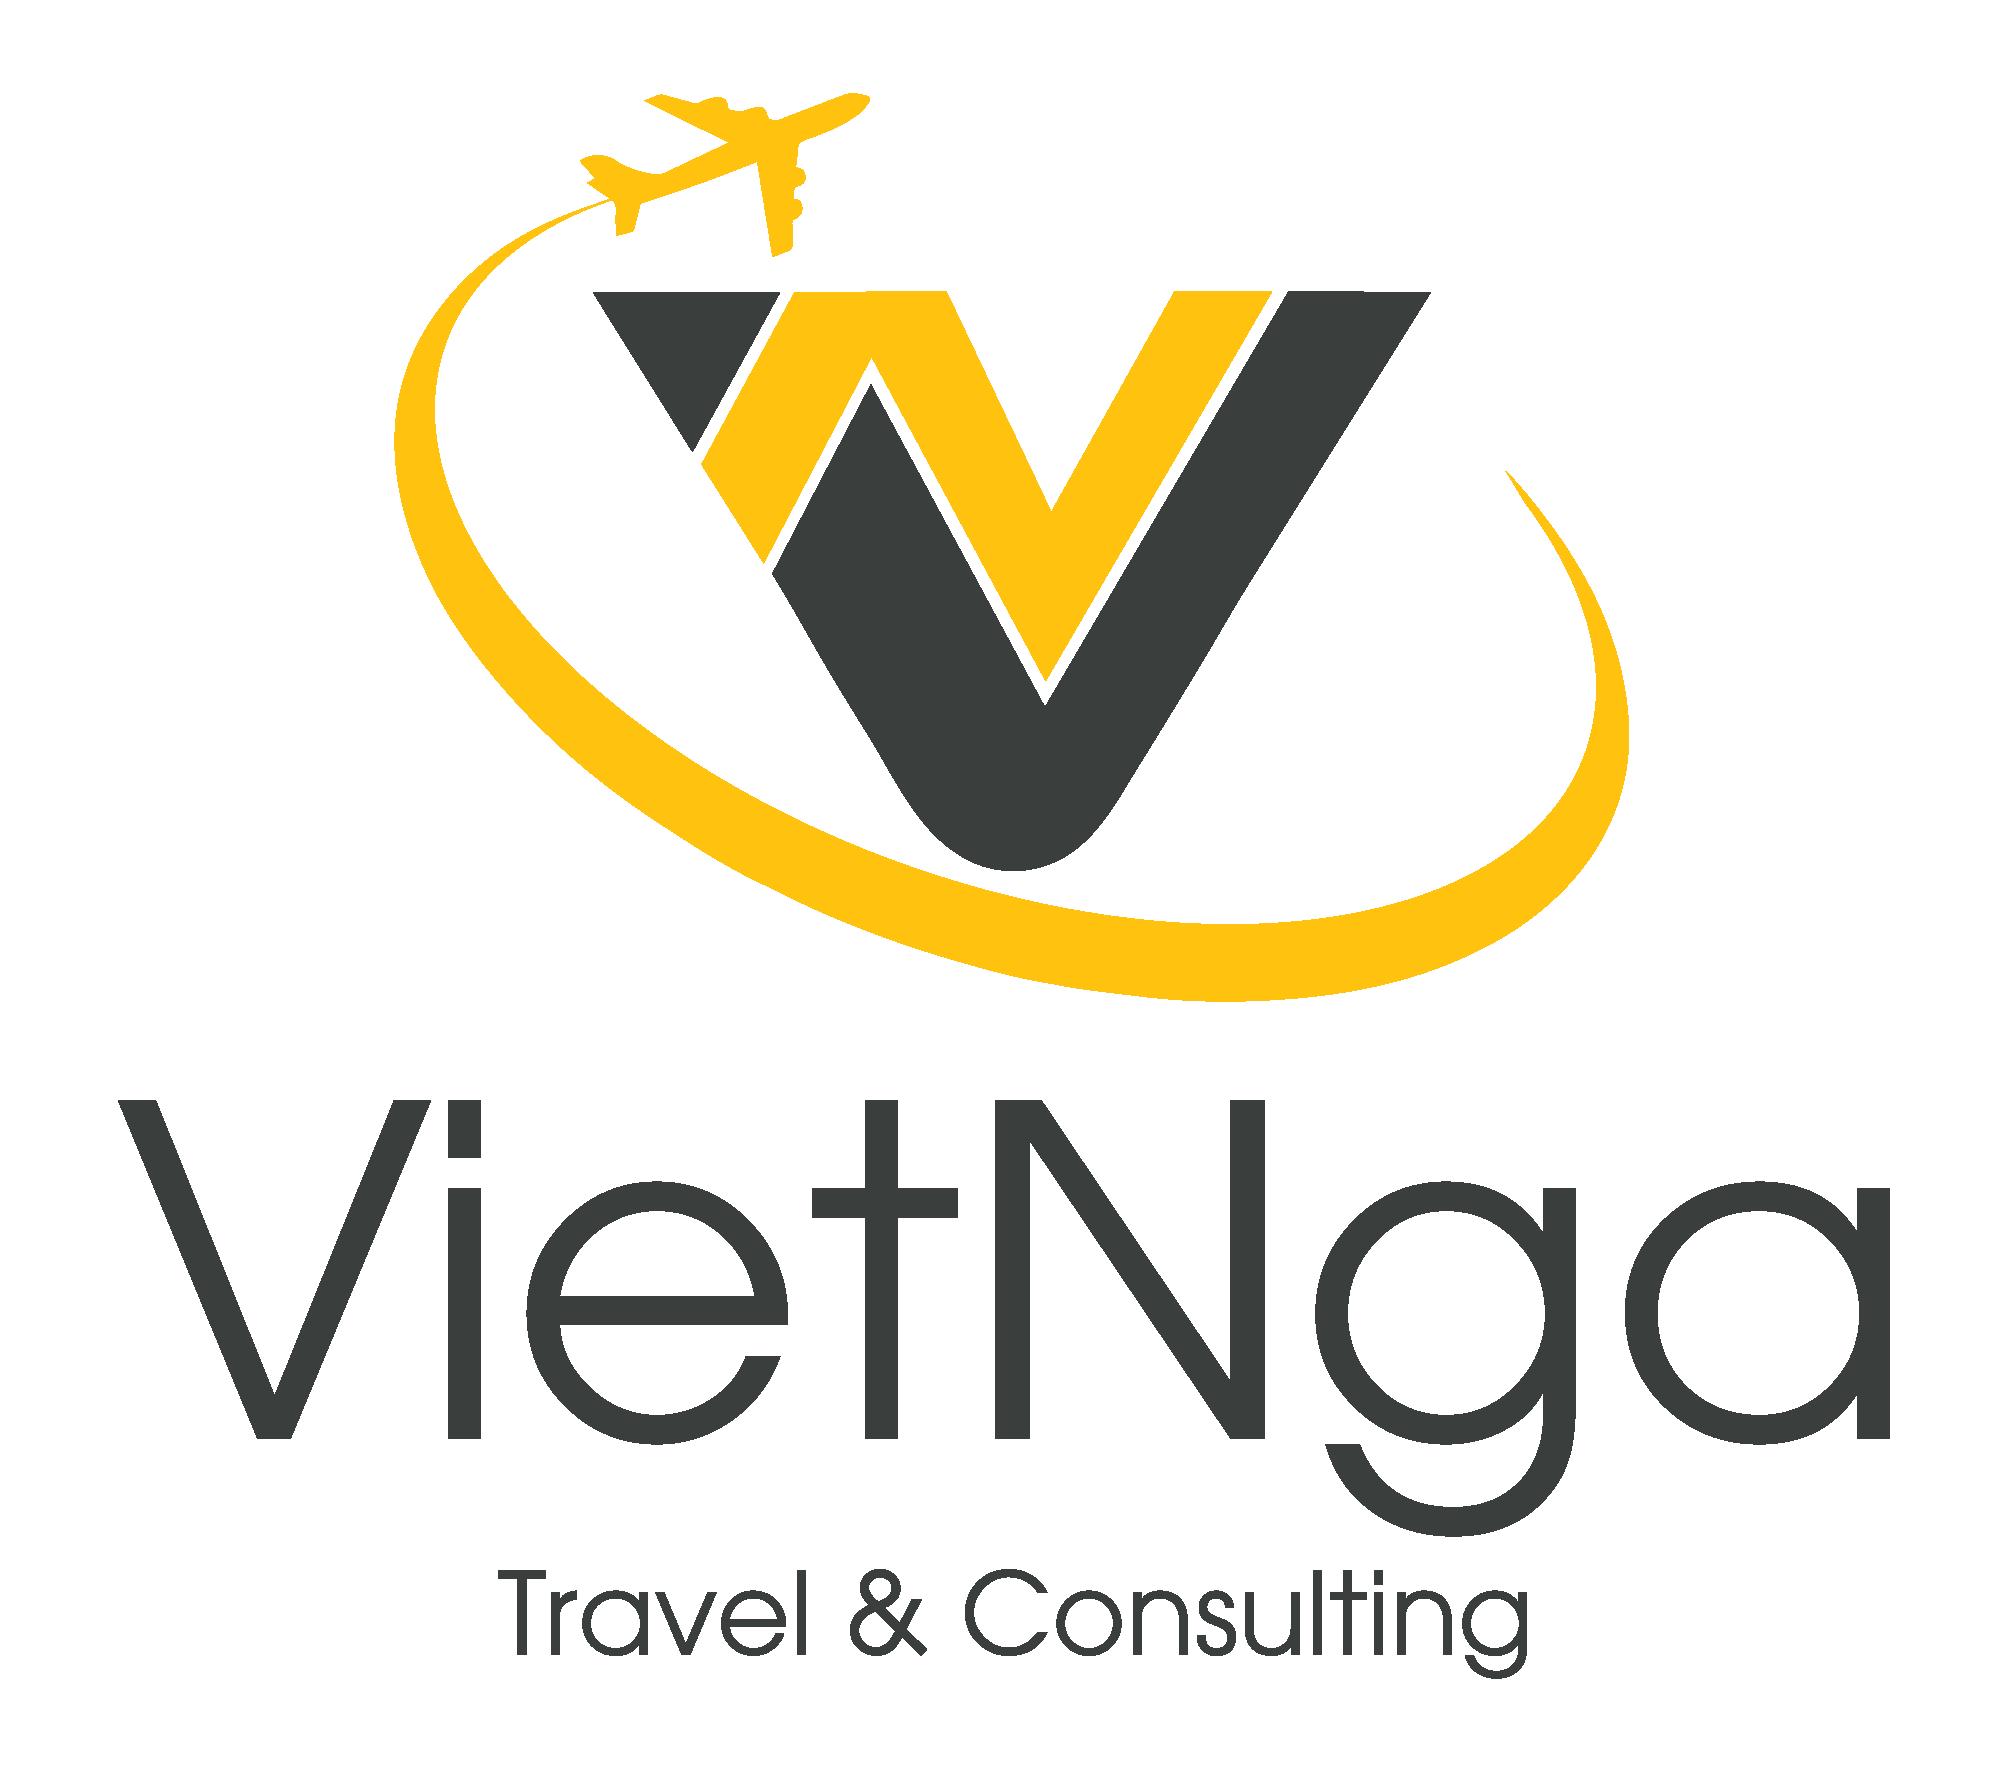 VietNga Travel & Consulting nhà tổ chức land tour du lịch Nga, XTTM  và sự kiện chuyên nghiệp hàng đầu tại Liên Bang Nga